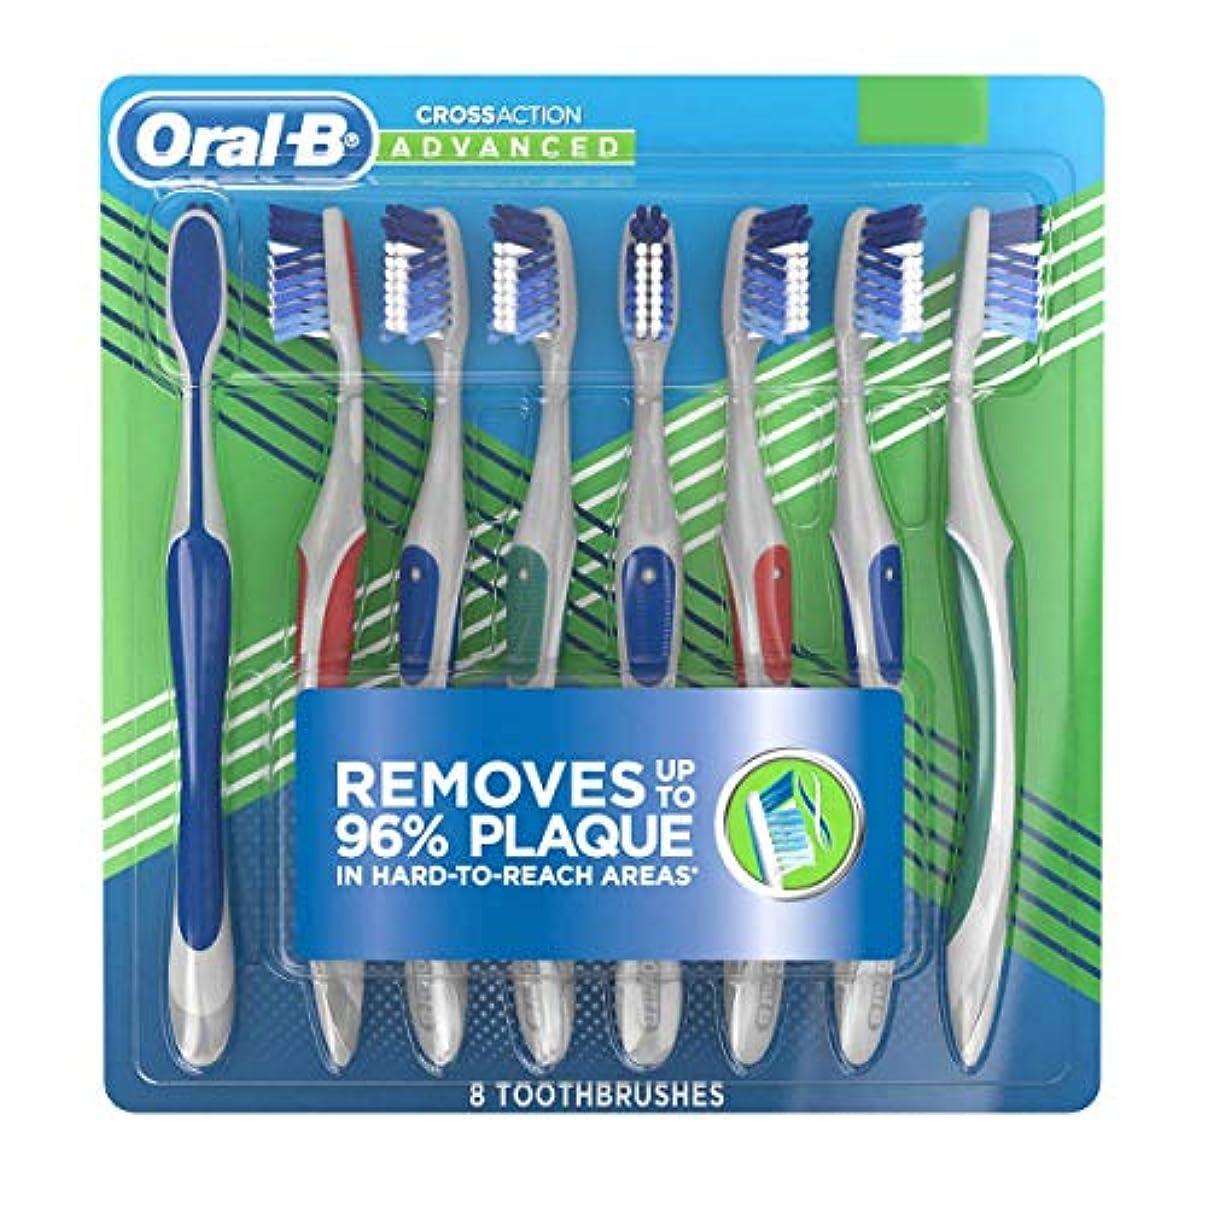 パットそれぞれ円形Oral-B Pro-Health Cross Action Advanced Toothbrush 8-pack SOFT オーラルB プロヘルス クロスアクション アドバンスド 歯ブラシ8本セット(ソフトタイプ)